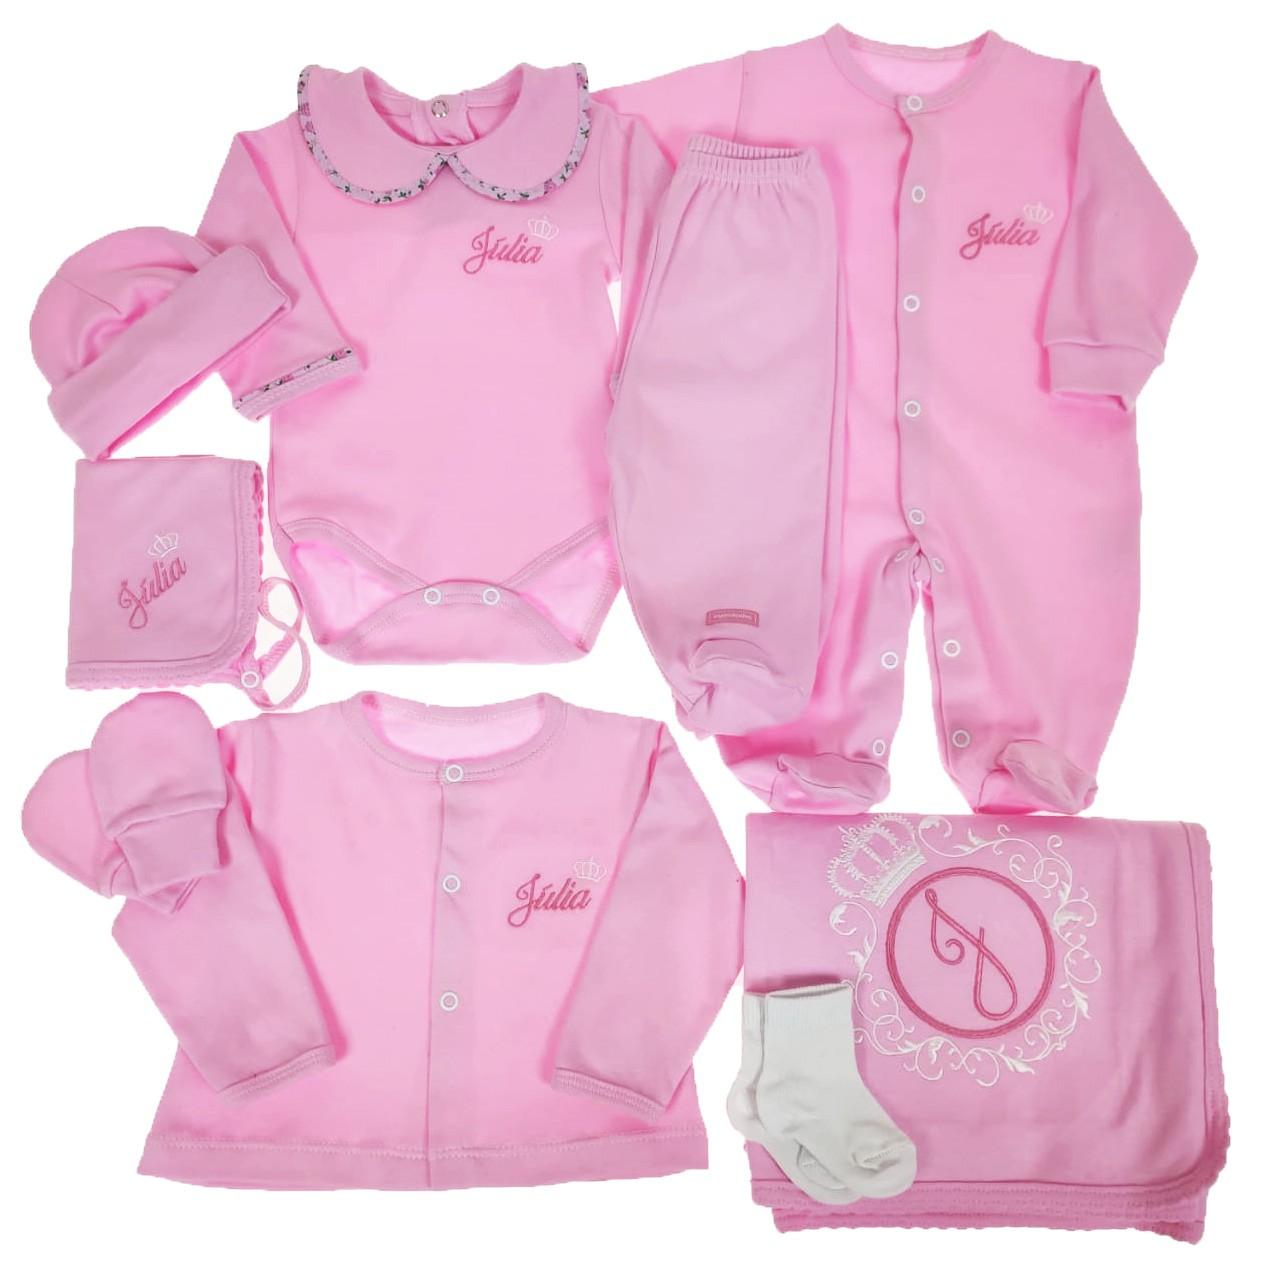 Kit Maternidade Rosa Personalizado - 9 PEÇAS